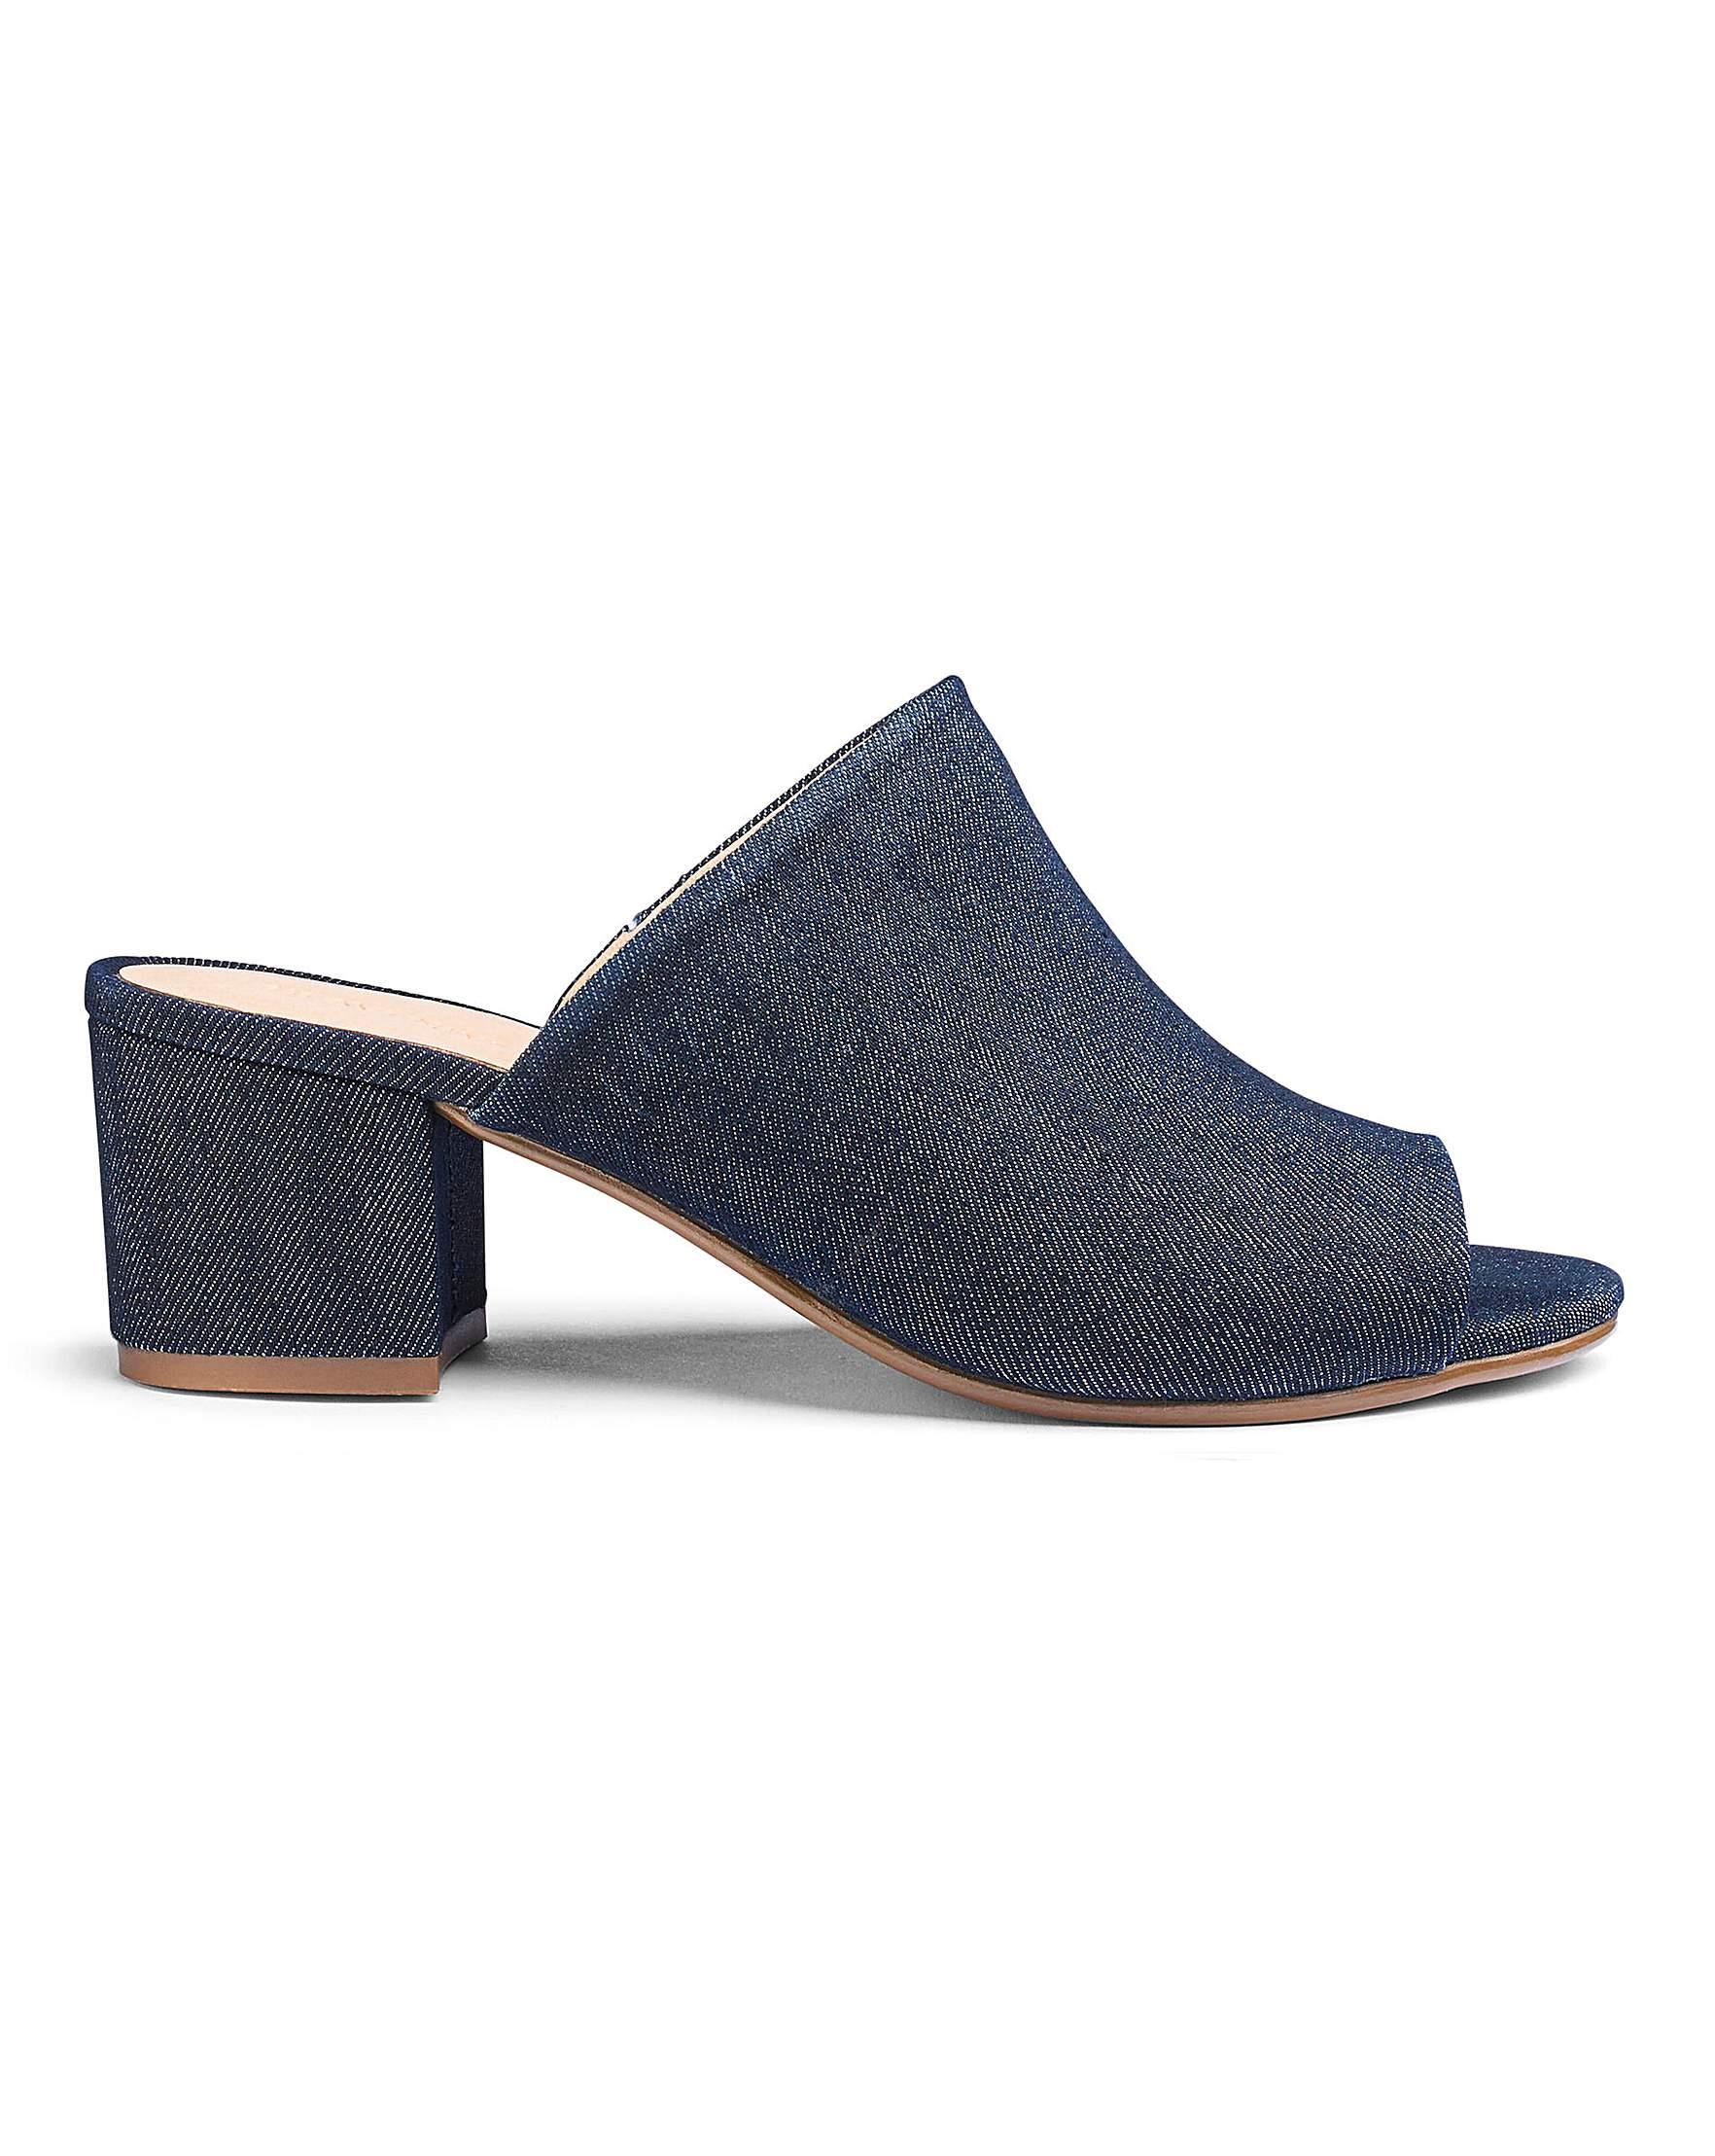 25ec1c6412a Heavenly Soles Sandals EEE Fit